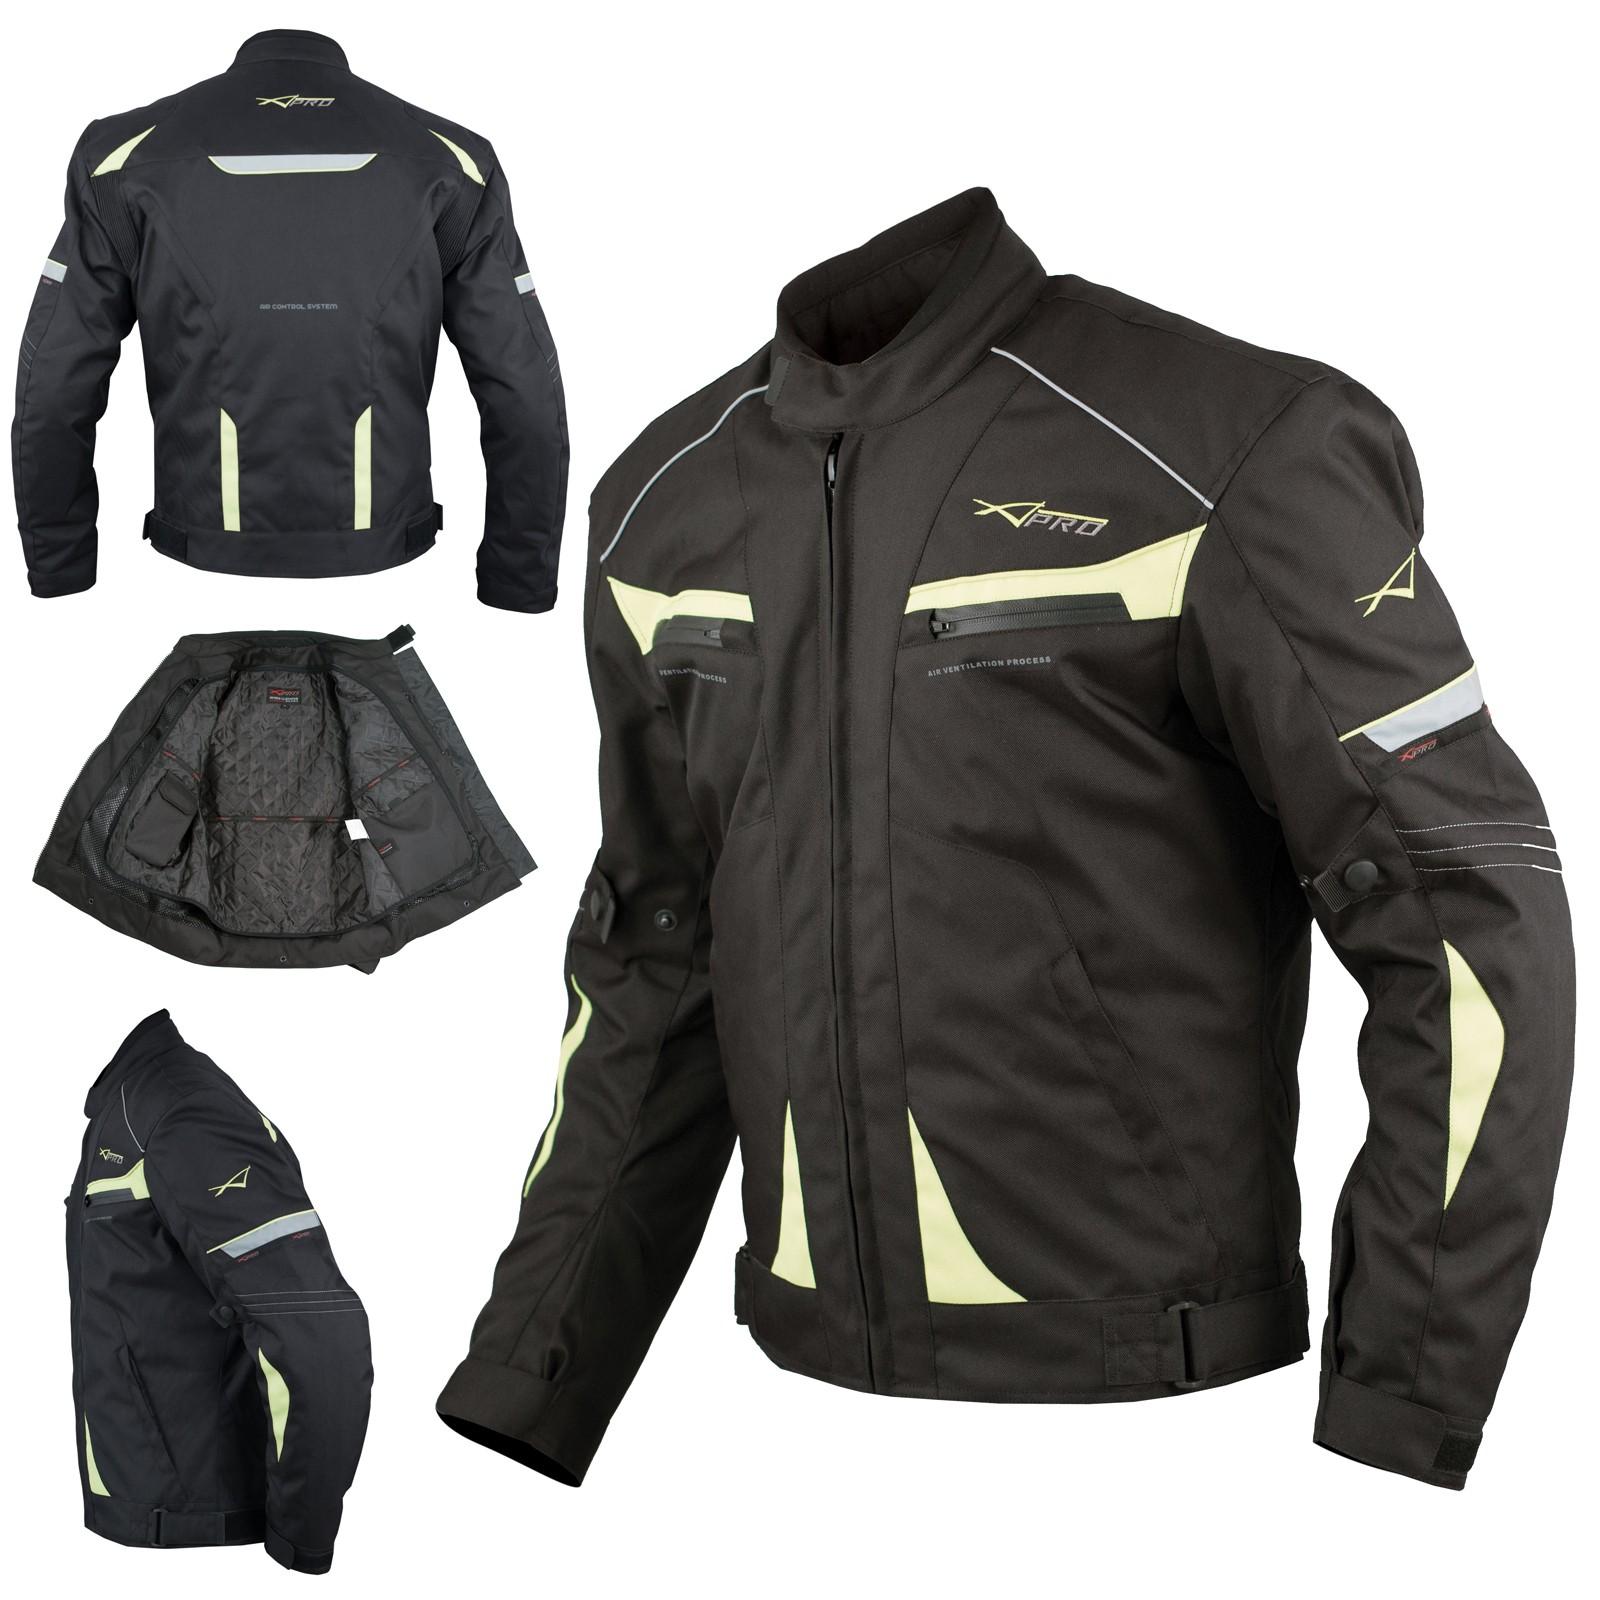 Giacca Moto Sport Tessuto Protezioni CE Impermeabile Ventilata Fluo